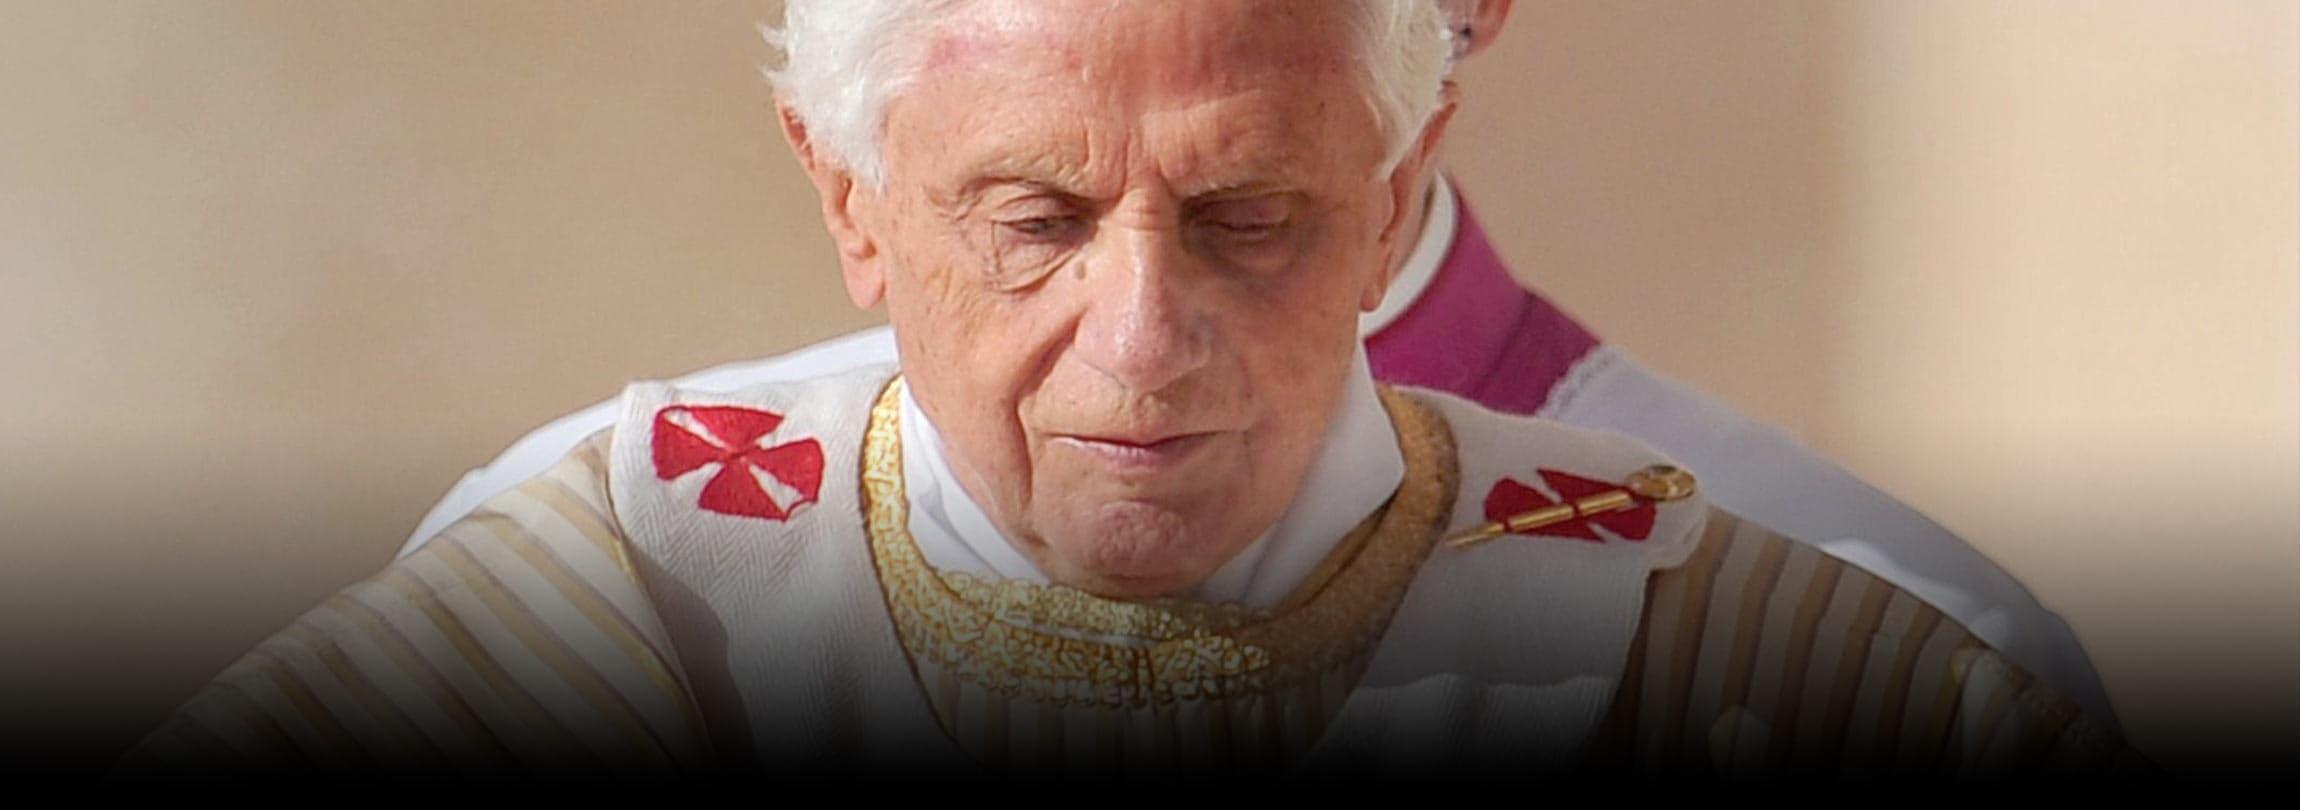 Abrir e dirigir o coração a Deus ao rezar na Liturgia da Igreja, exortou o Papa